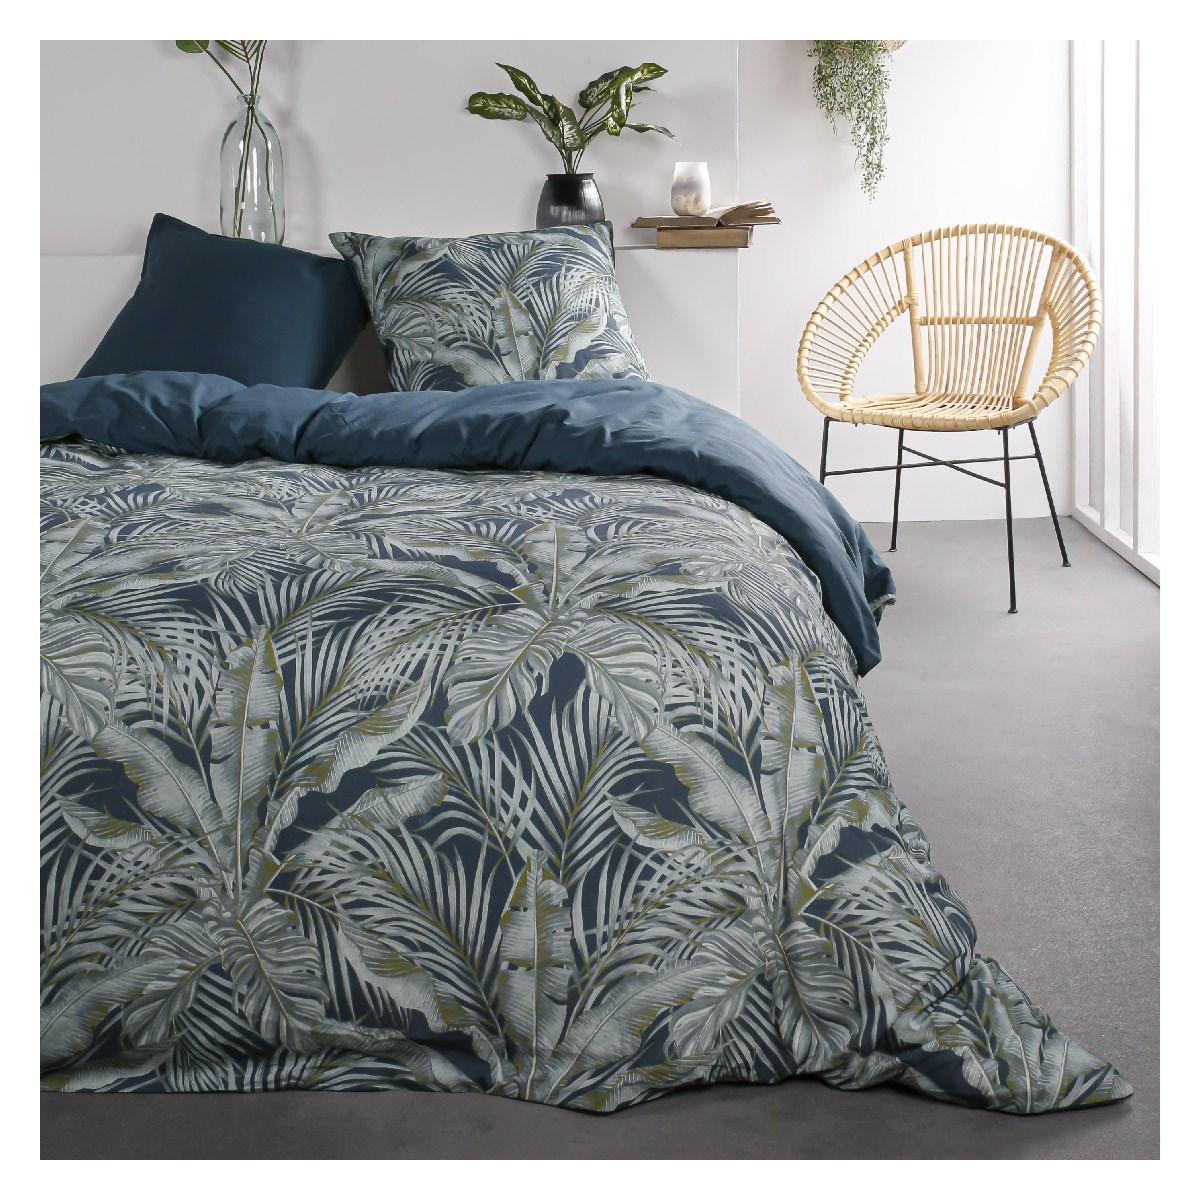 Parure de lit 2 personnes imprimé jungle en Coton Bleu 220x240 cm